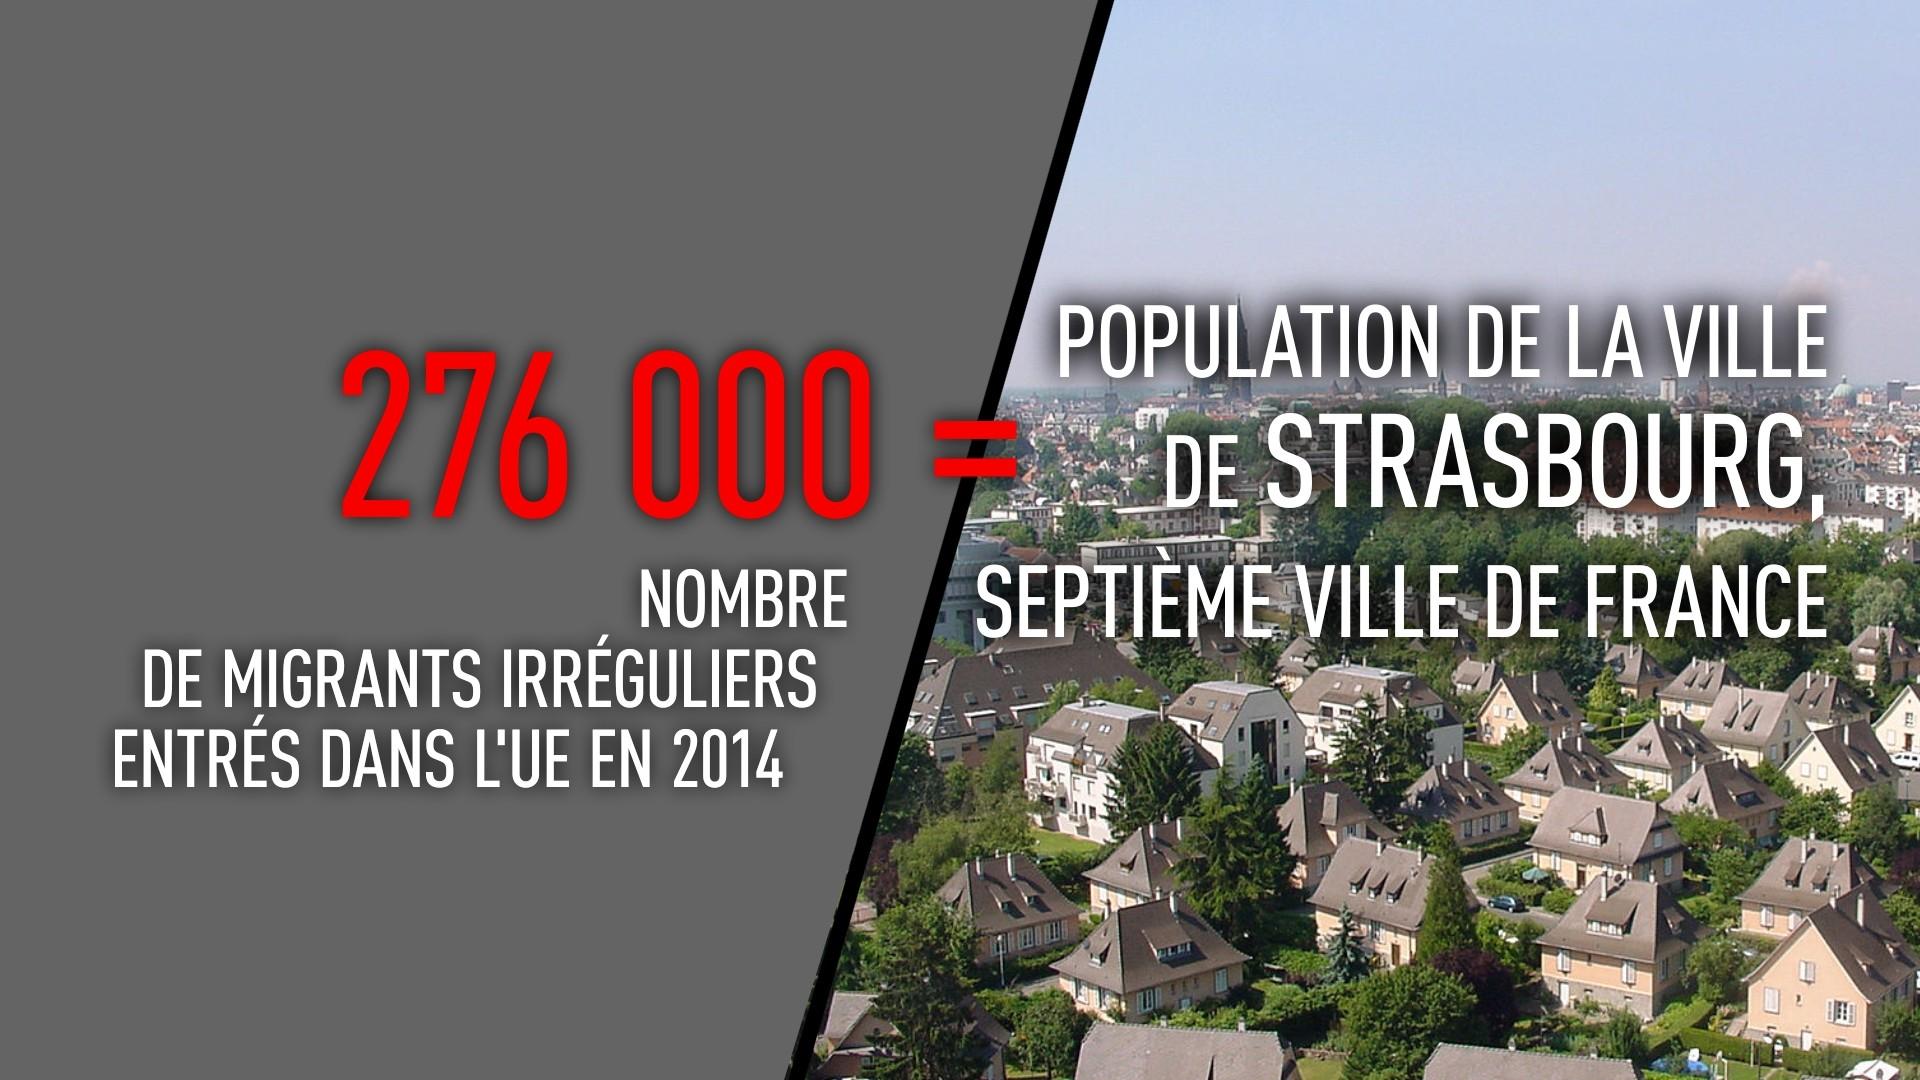 Le nombre de migrants entrés dans l'UE en 2014 comparé à la population de la ville de Strasbourg